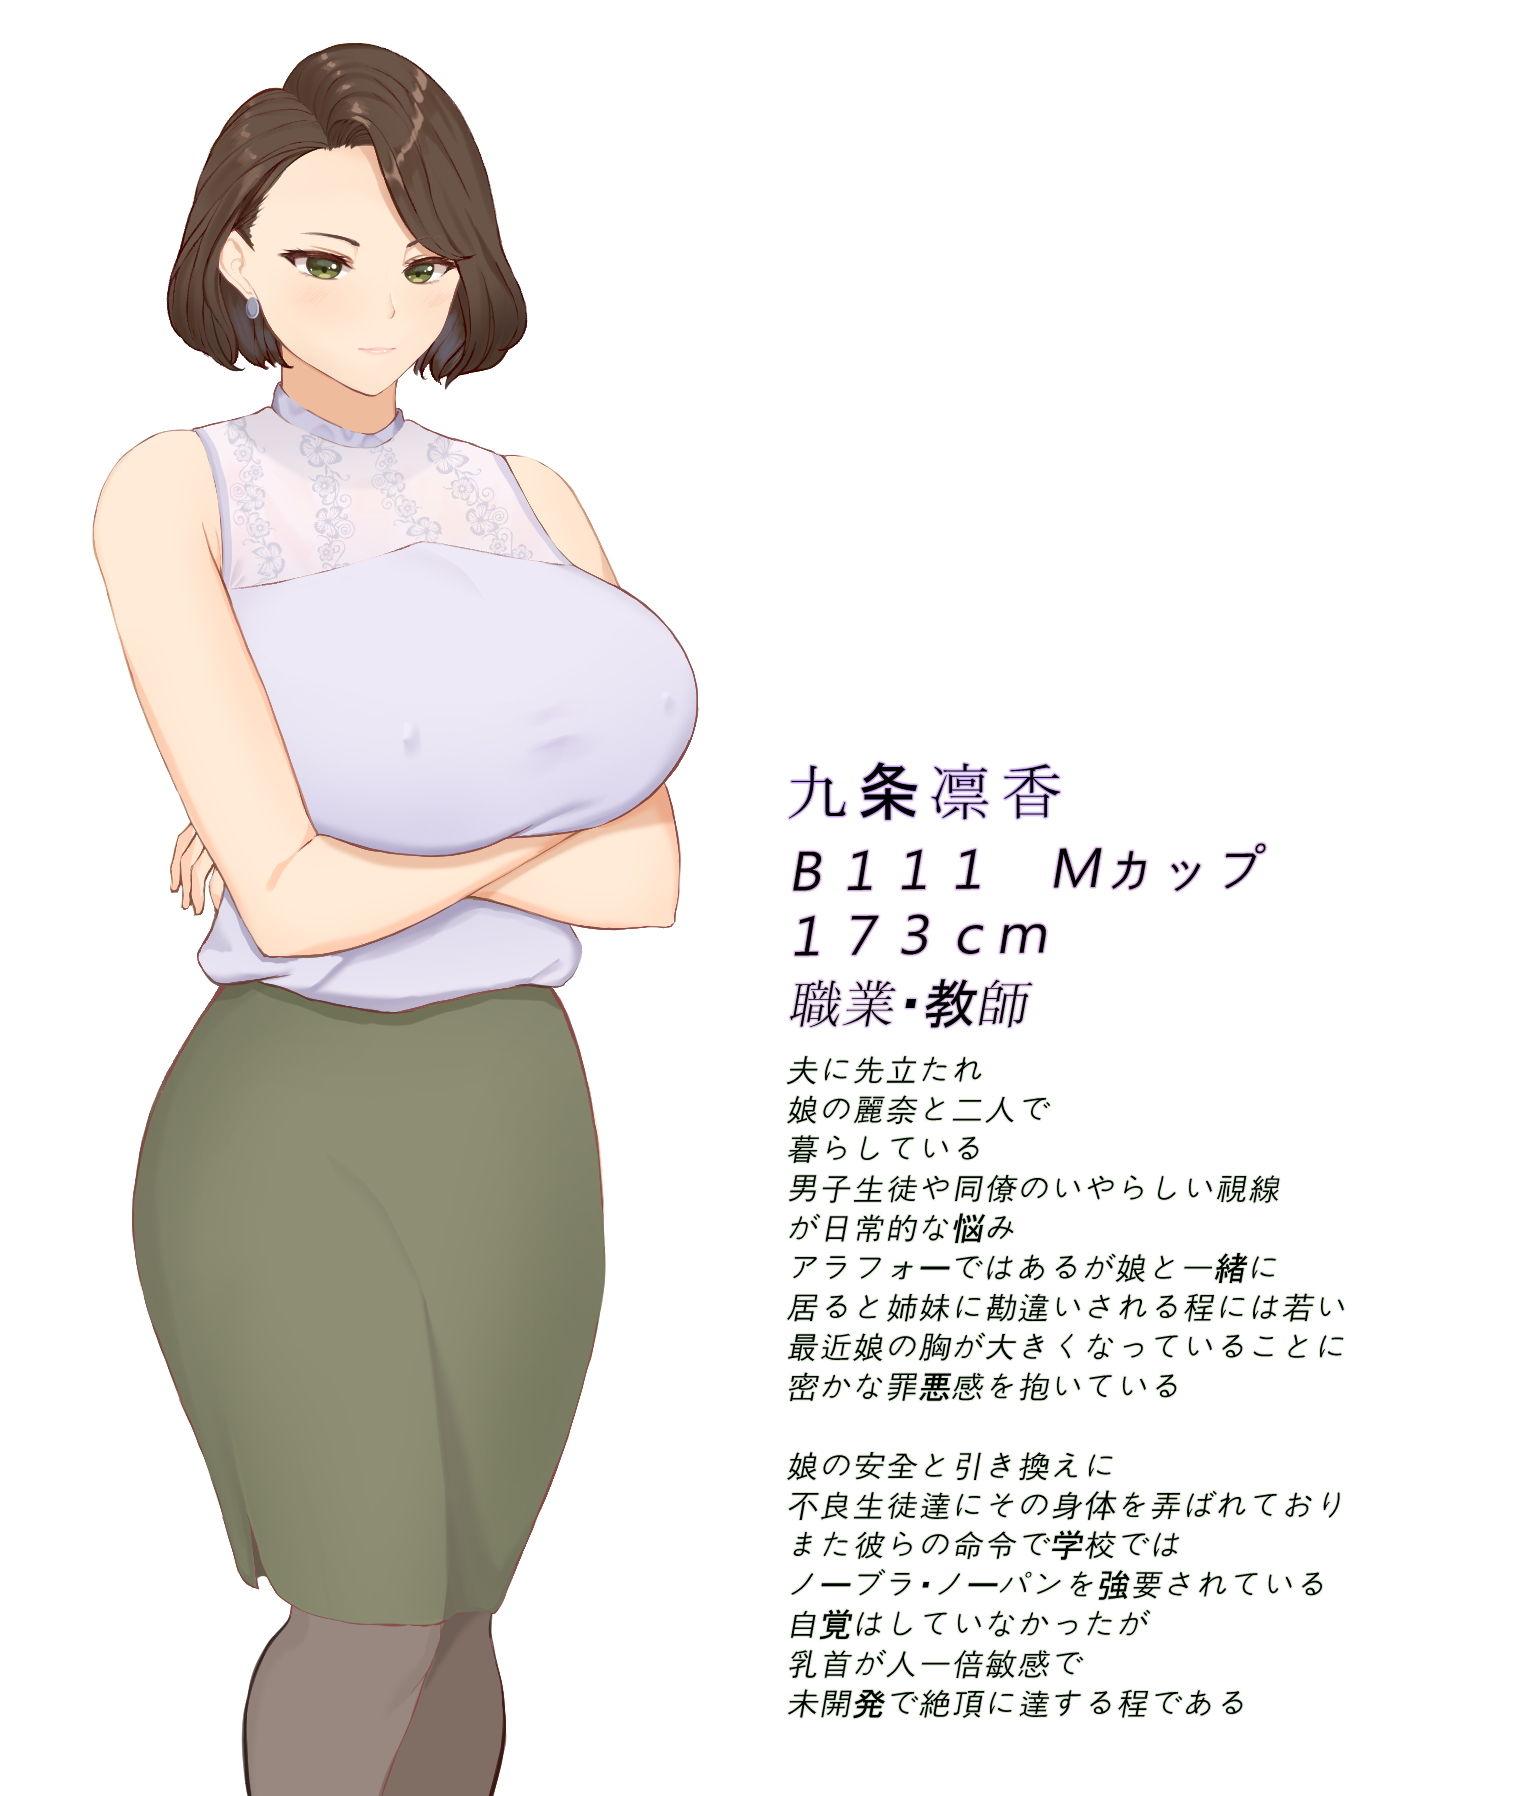 【未亡人】爆乳母娘は乳首が弱すぎる